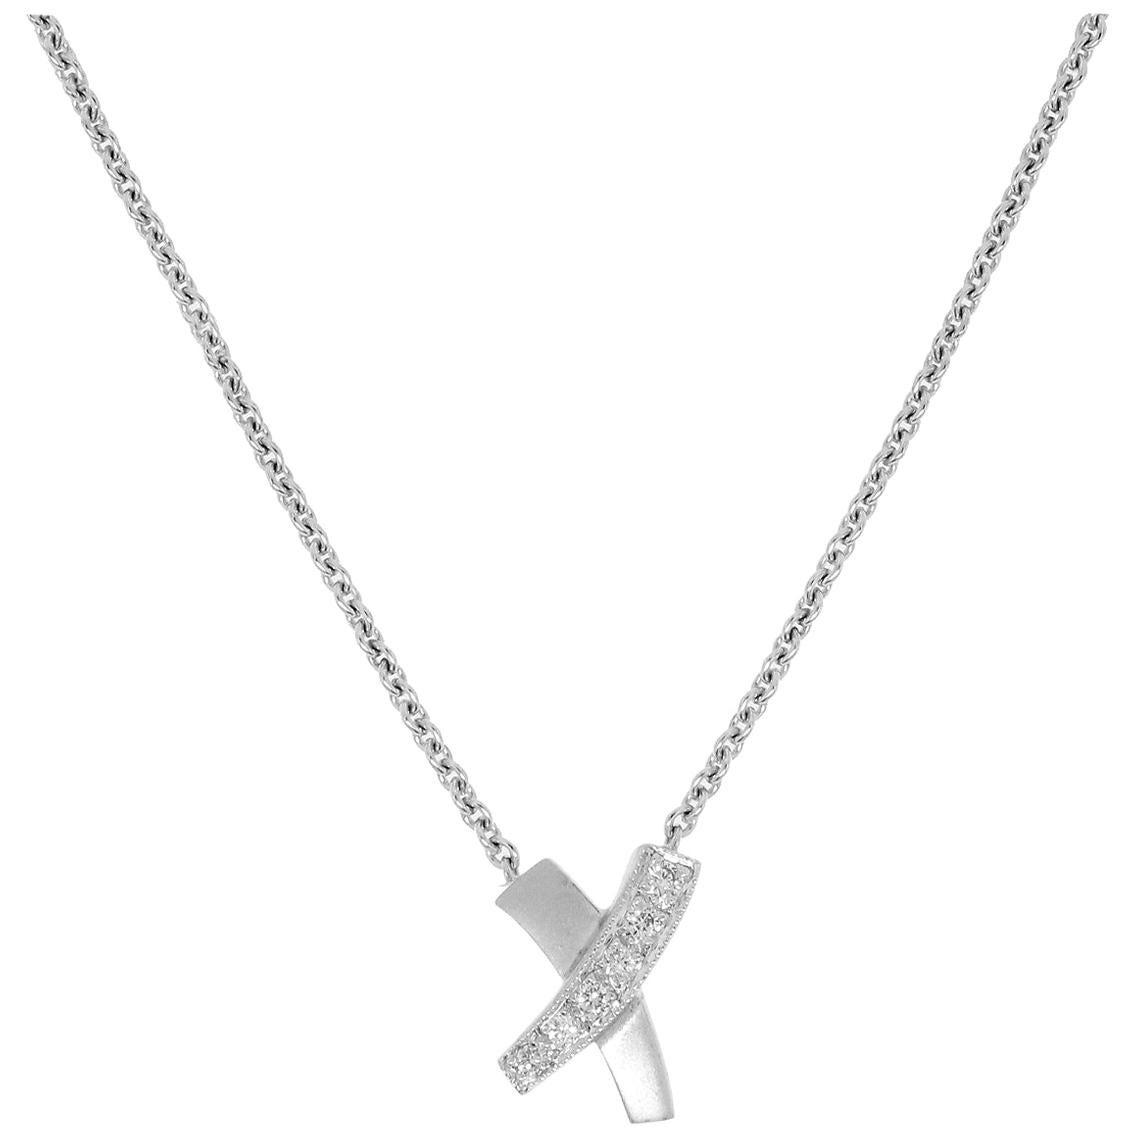 0.10 Carat Diamond X-Pendant Necklace